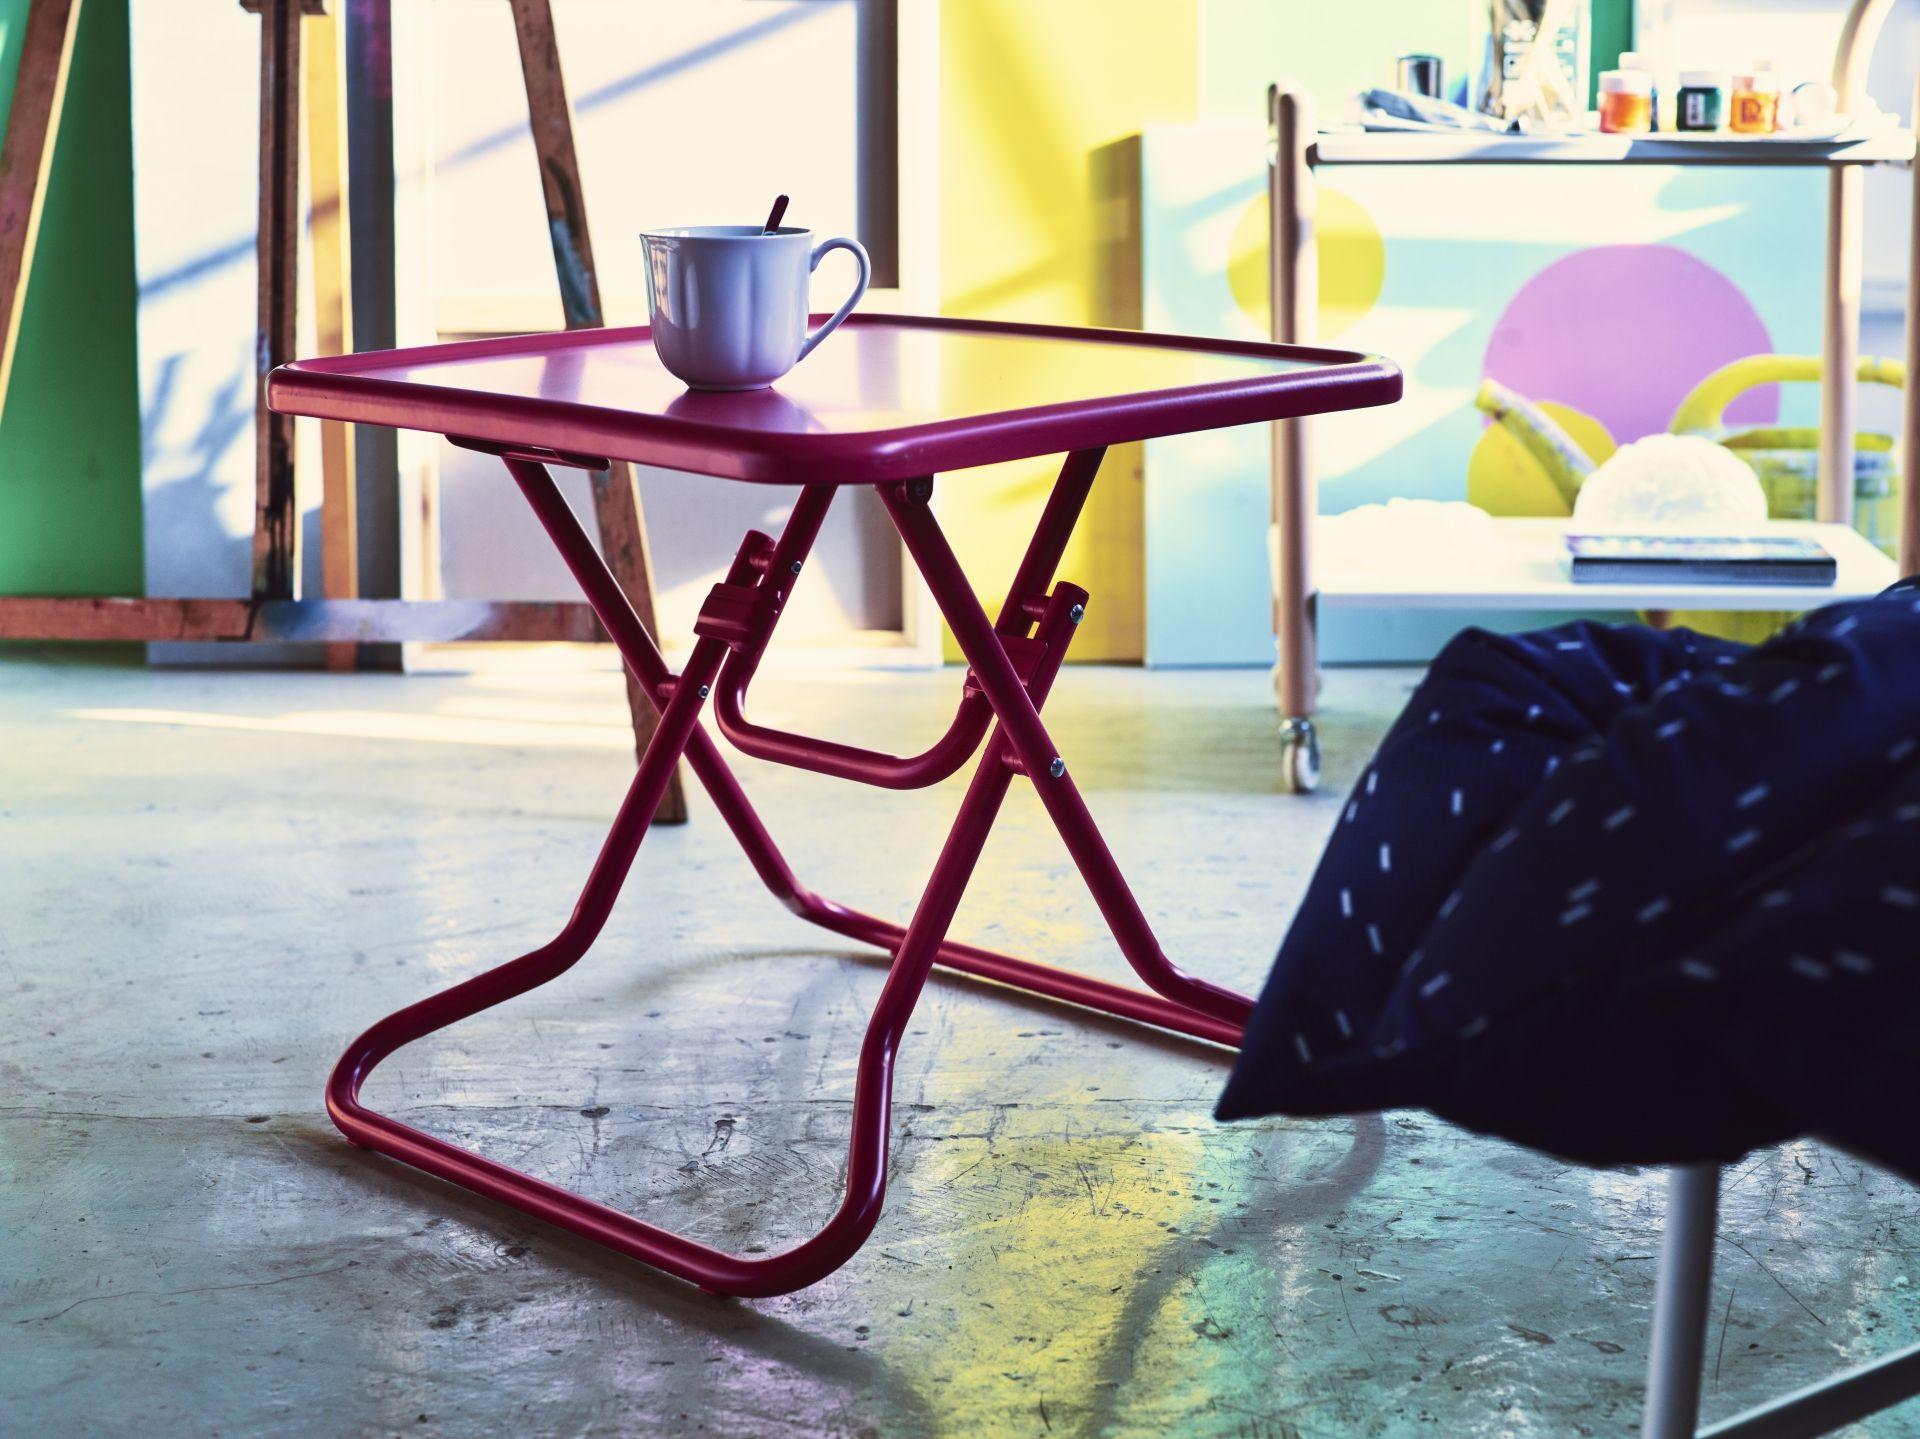 Uma mesa de centro sempre pronta para um café inesperado... ou para o que quiserem.